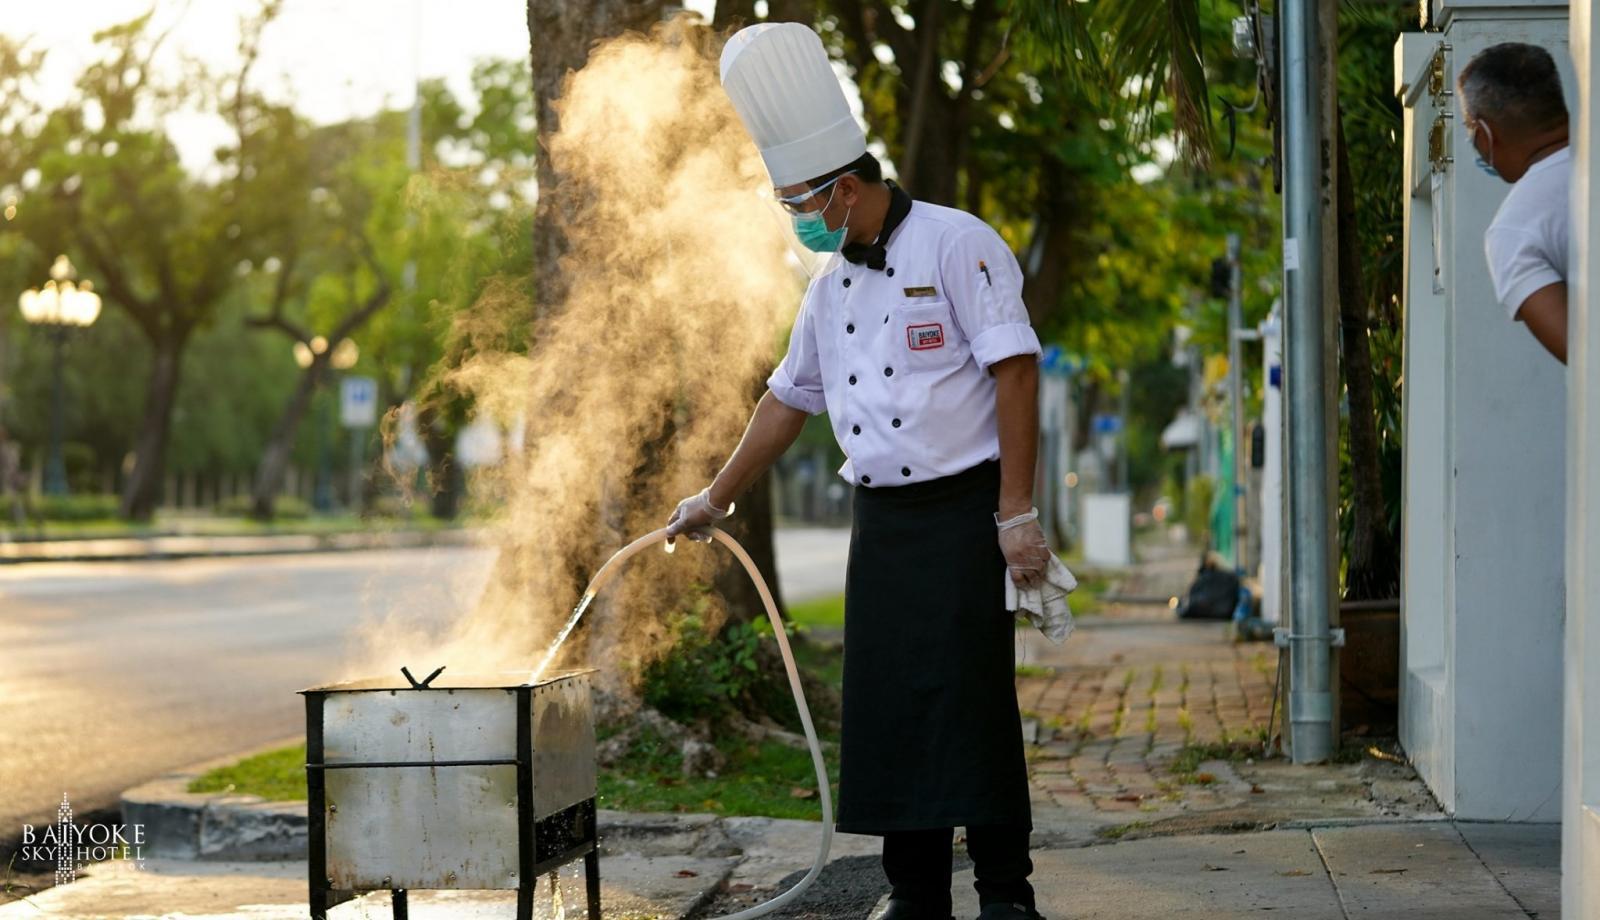 """ใบหยก ผุด """"Baiyoke cook at home"""" ส่งเชฟทำอาหาร เสิร์ฟตรงถึงหน้าบ้าน"""